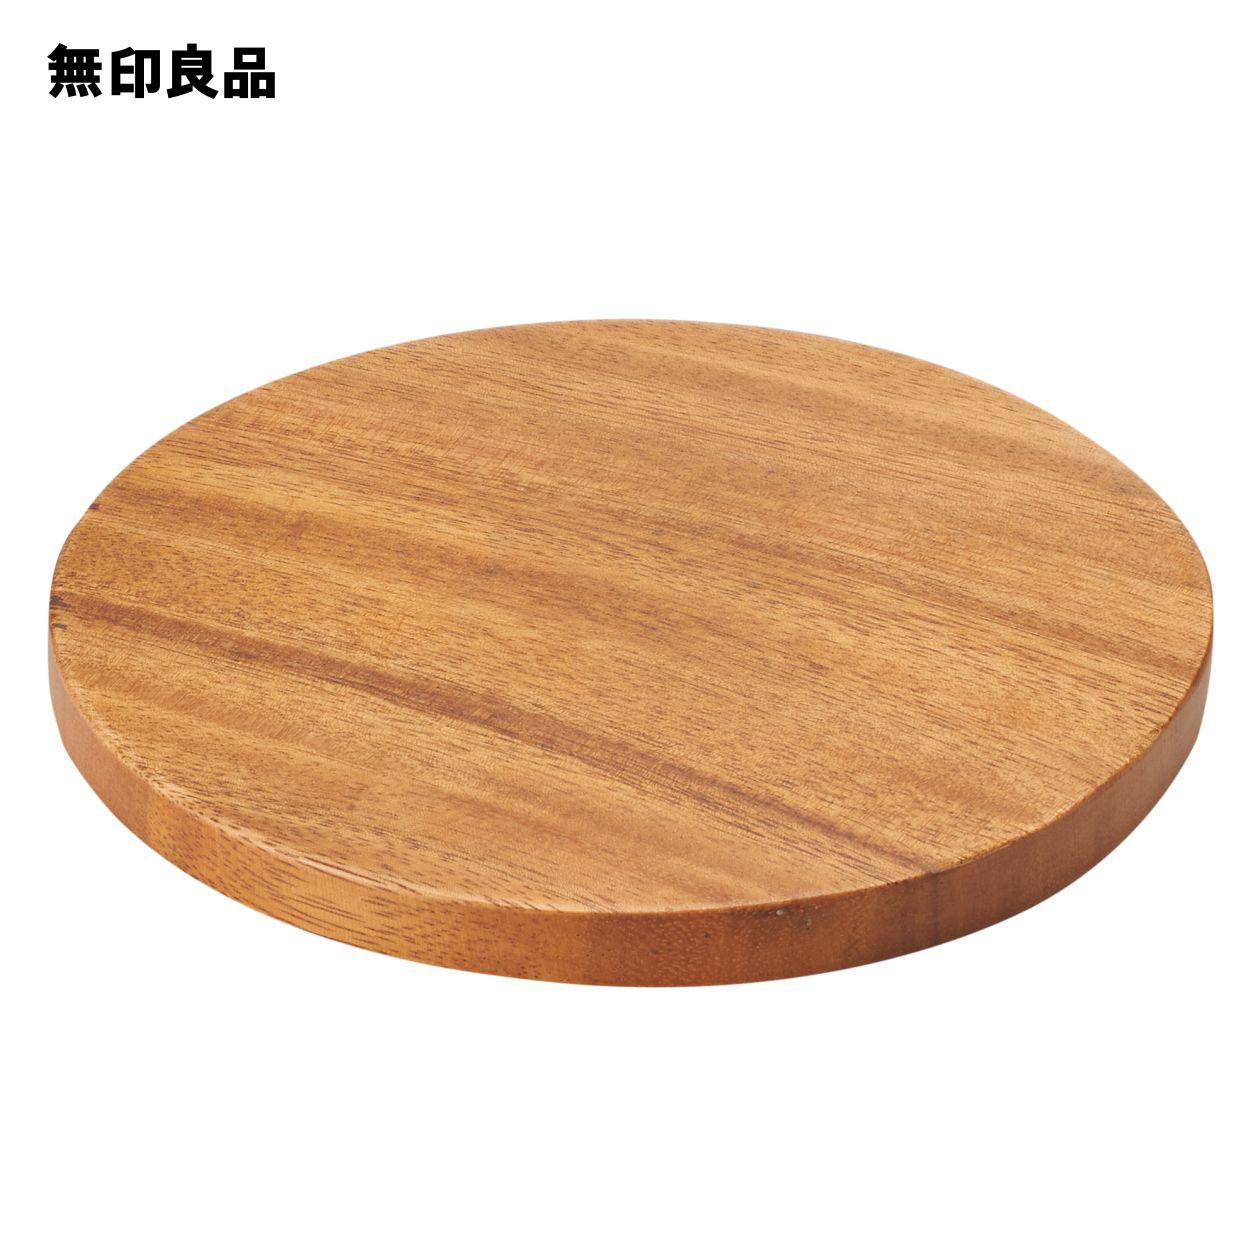 超激得SALE 無印良品 安い 激安 プチプラ 高品質 公式 アカシア鍋敷き約直径20cm